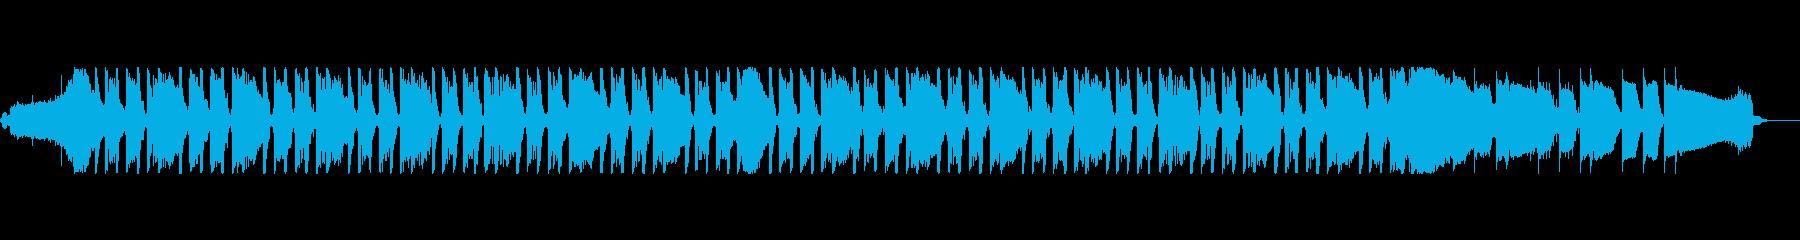 通信IDベッドの再生済みの波形